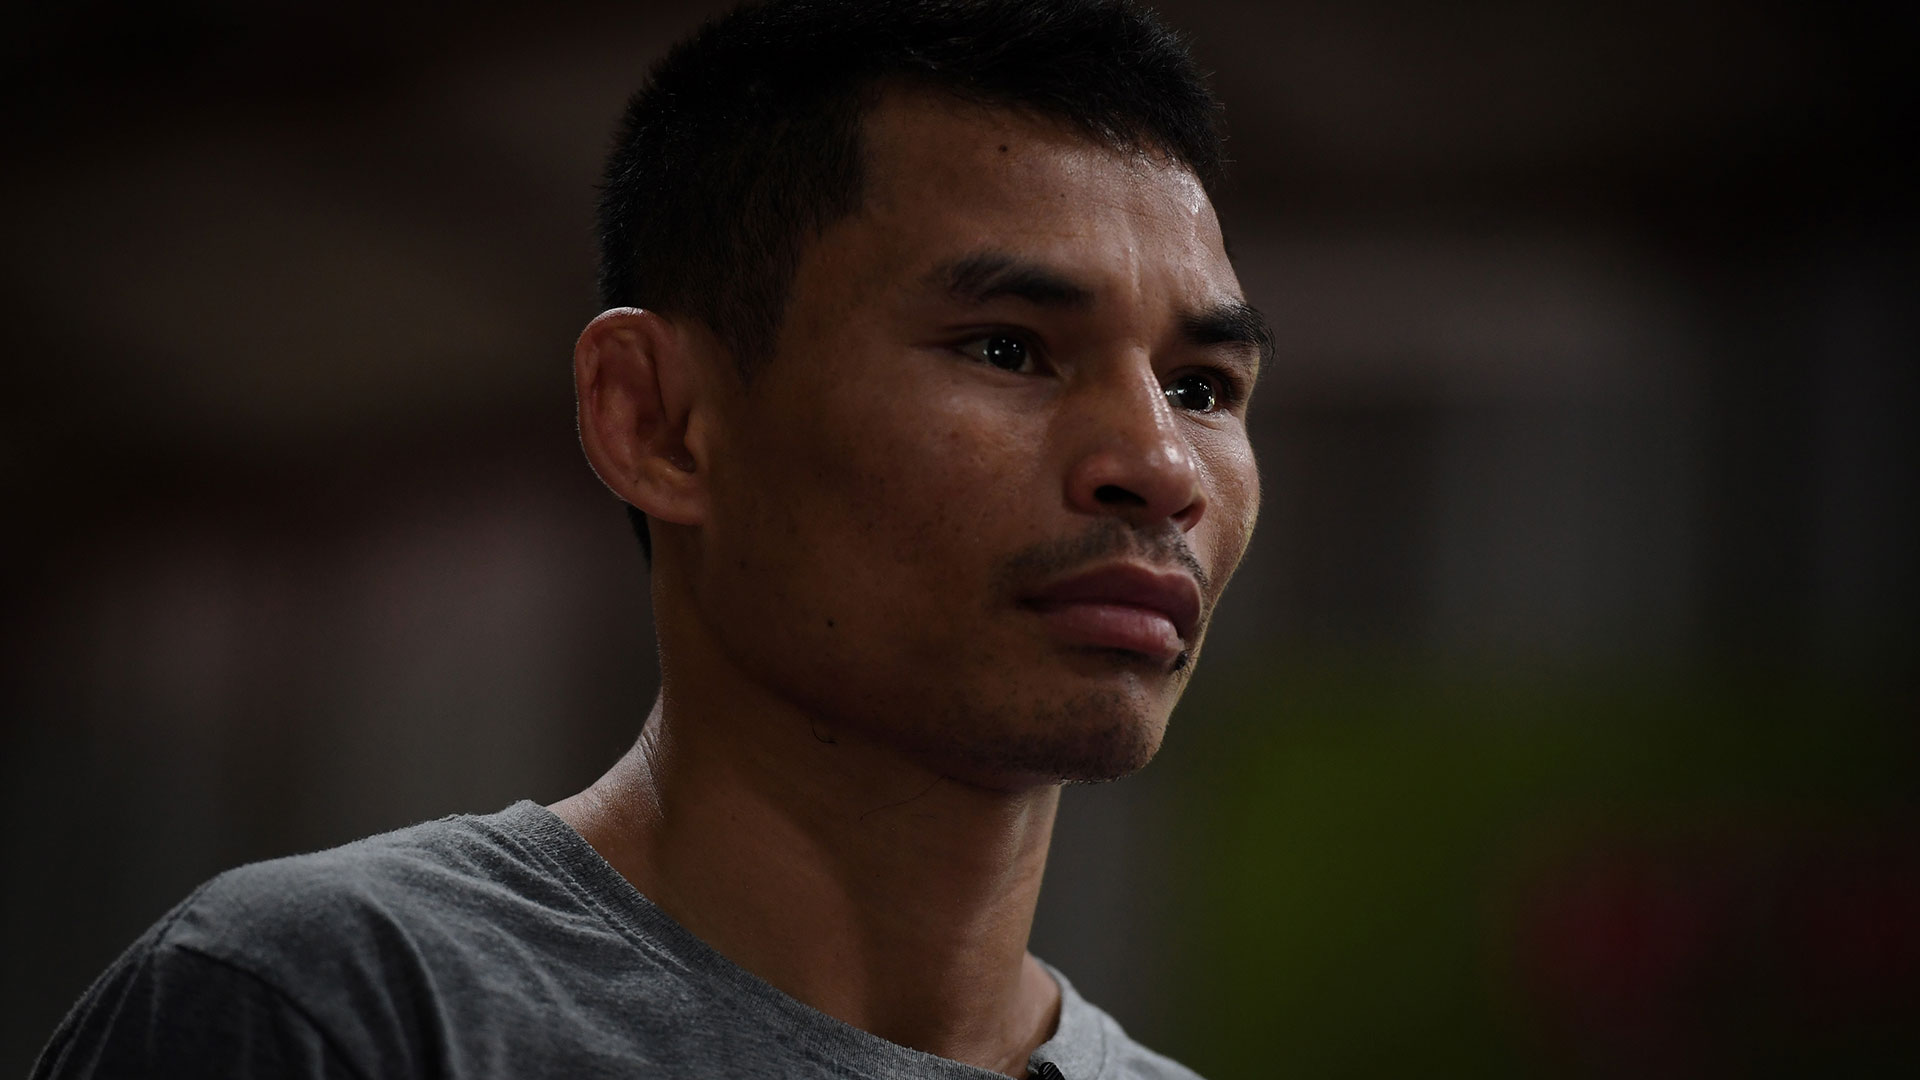 Wanheng fue luchador de Muay Thai hasta los 21 años y luego inició su gran carrera boxística (AFP)